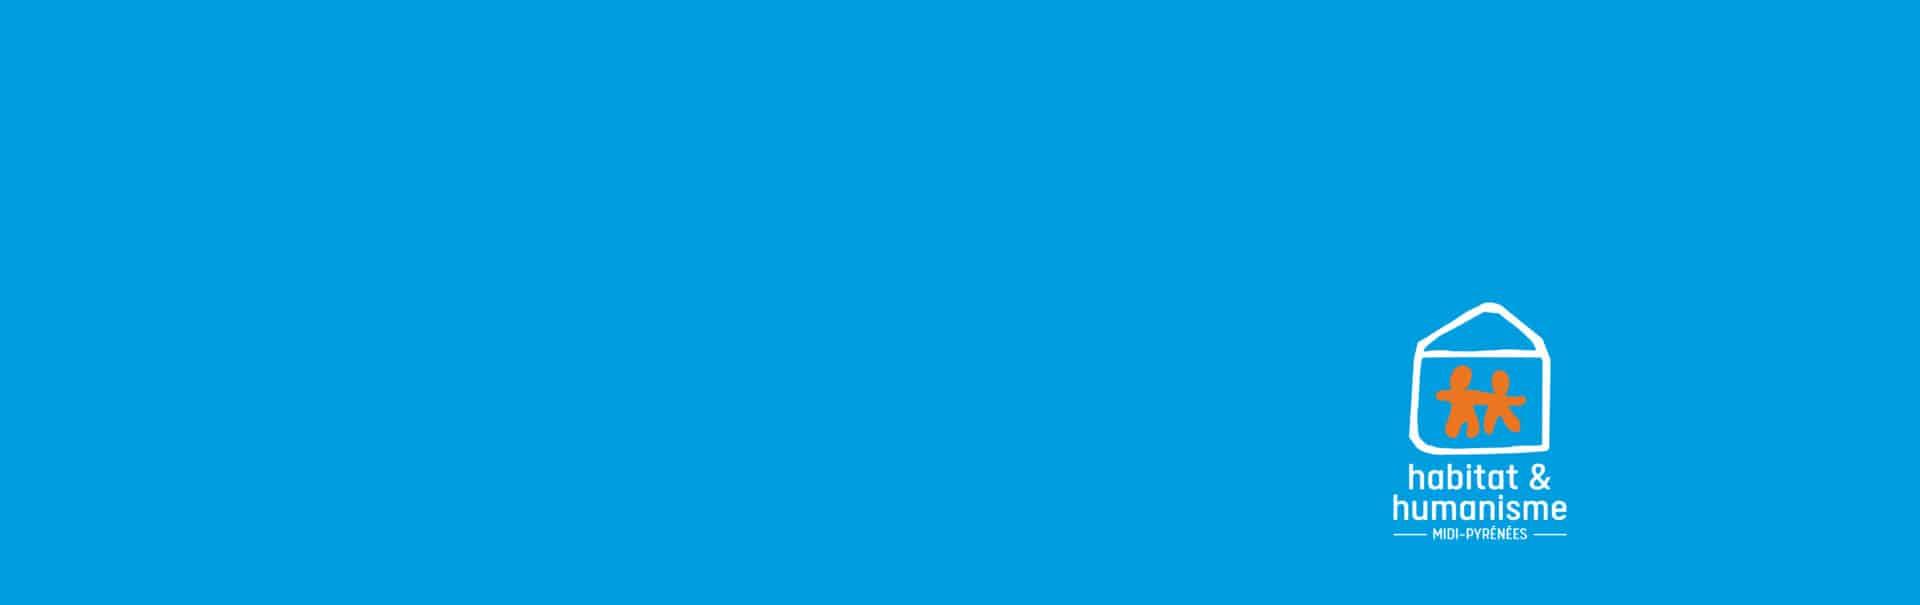 Bandeau Bleu Hh